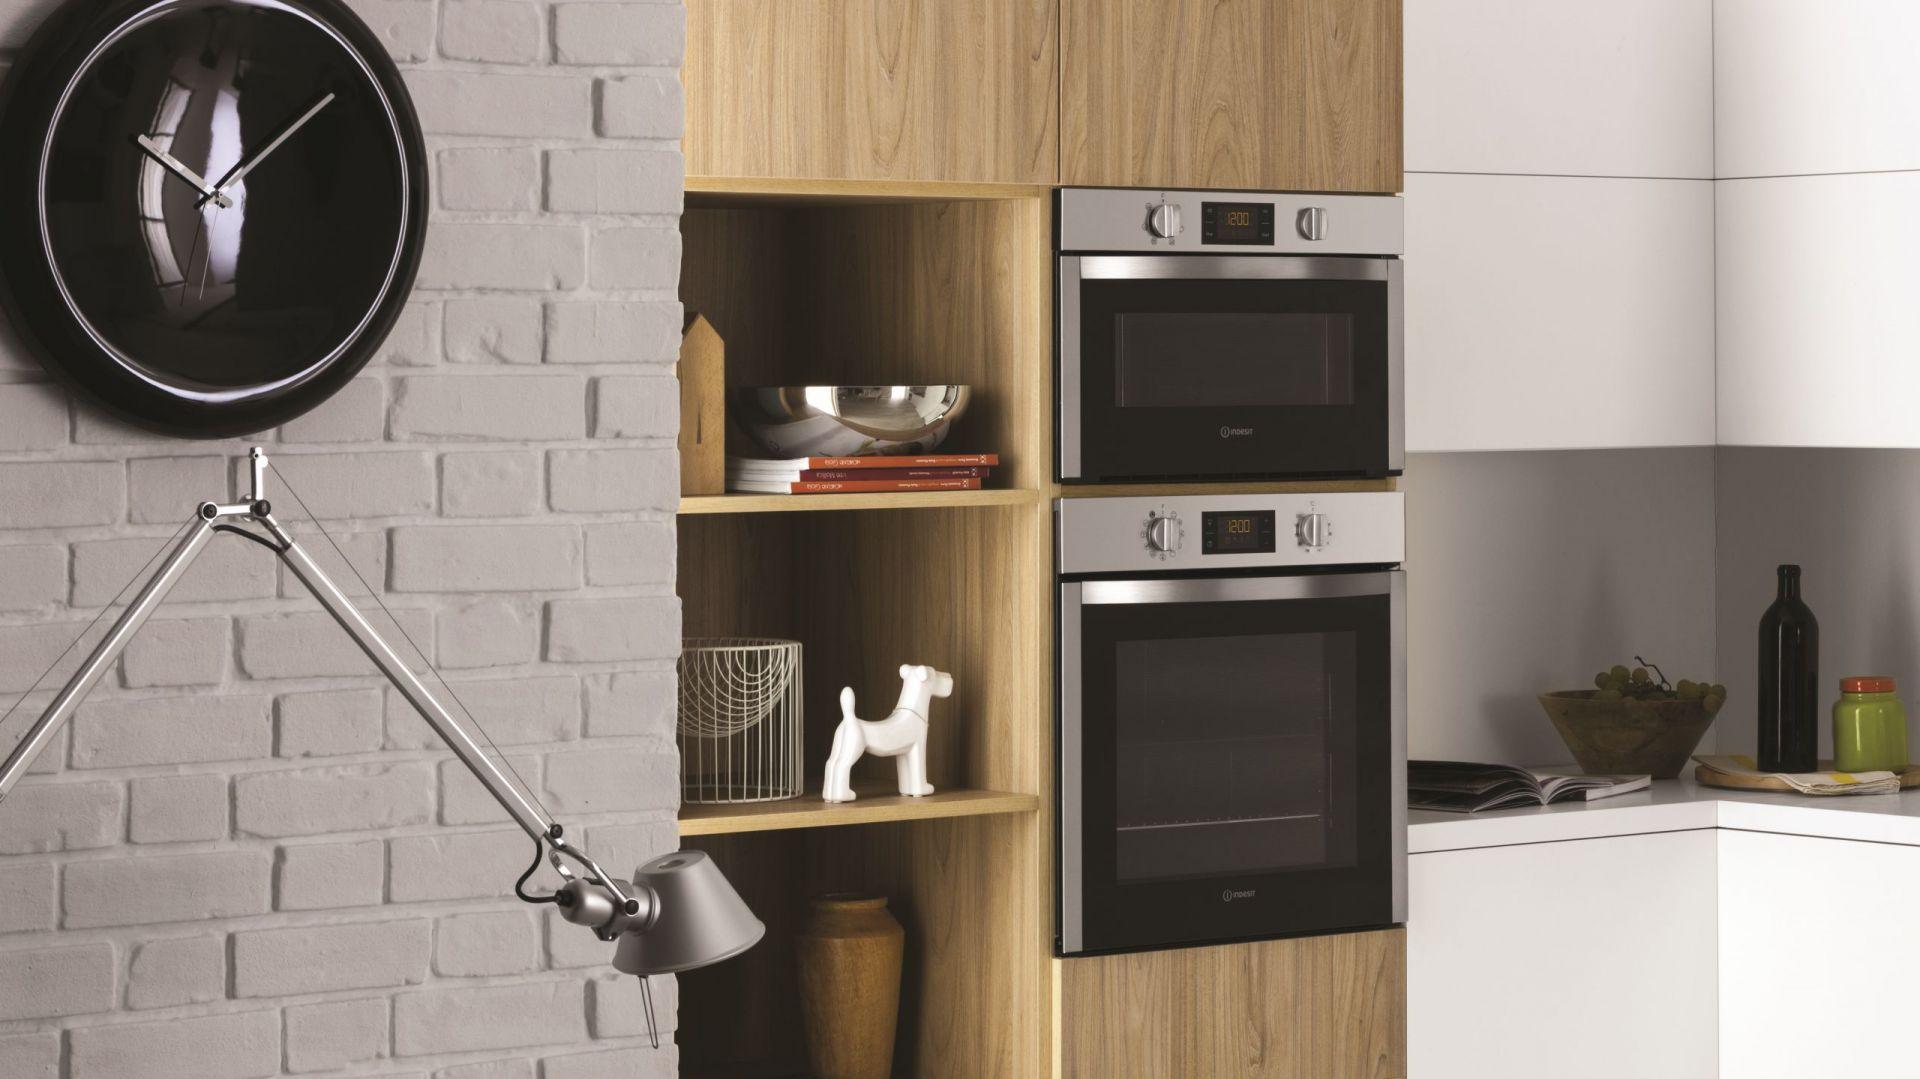 Design rodzinnej kuchni - funkcjonalny i estetyczny. Fot. Indesit